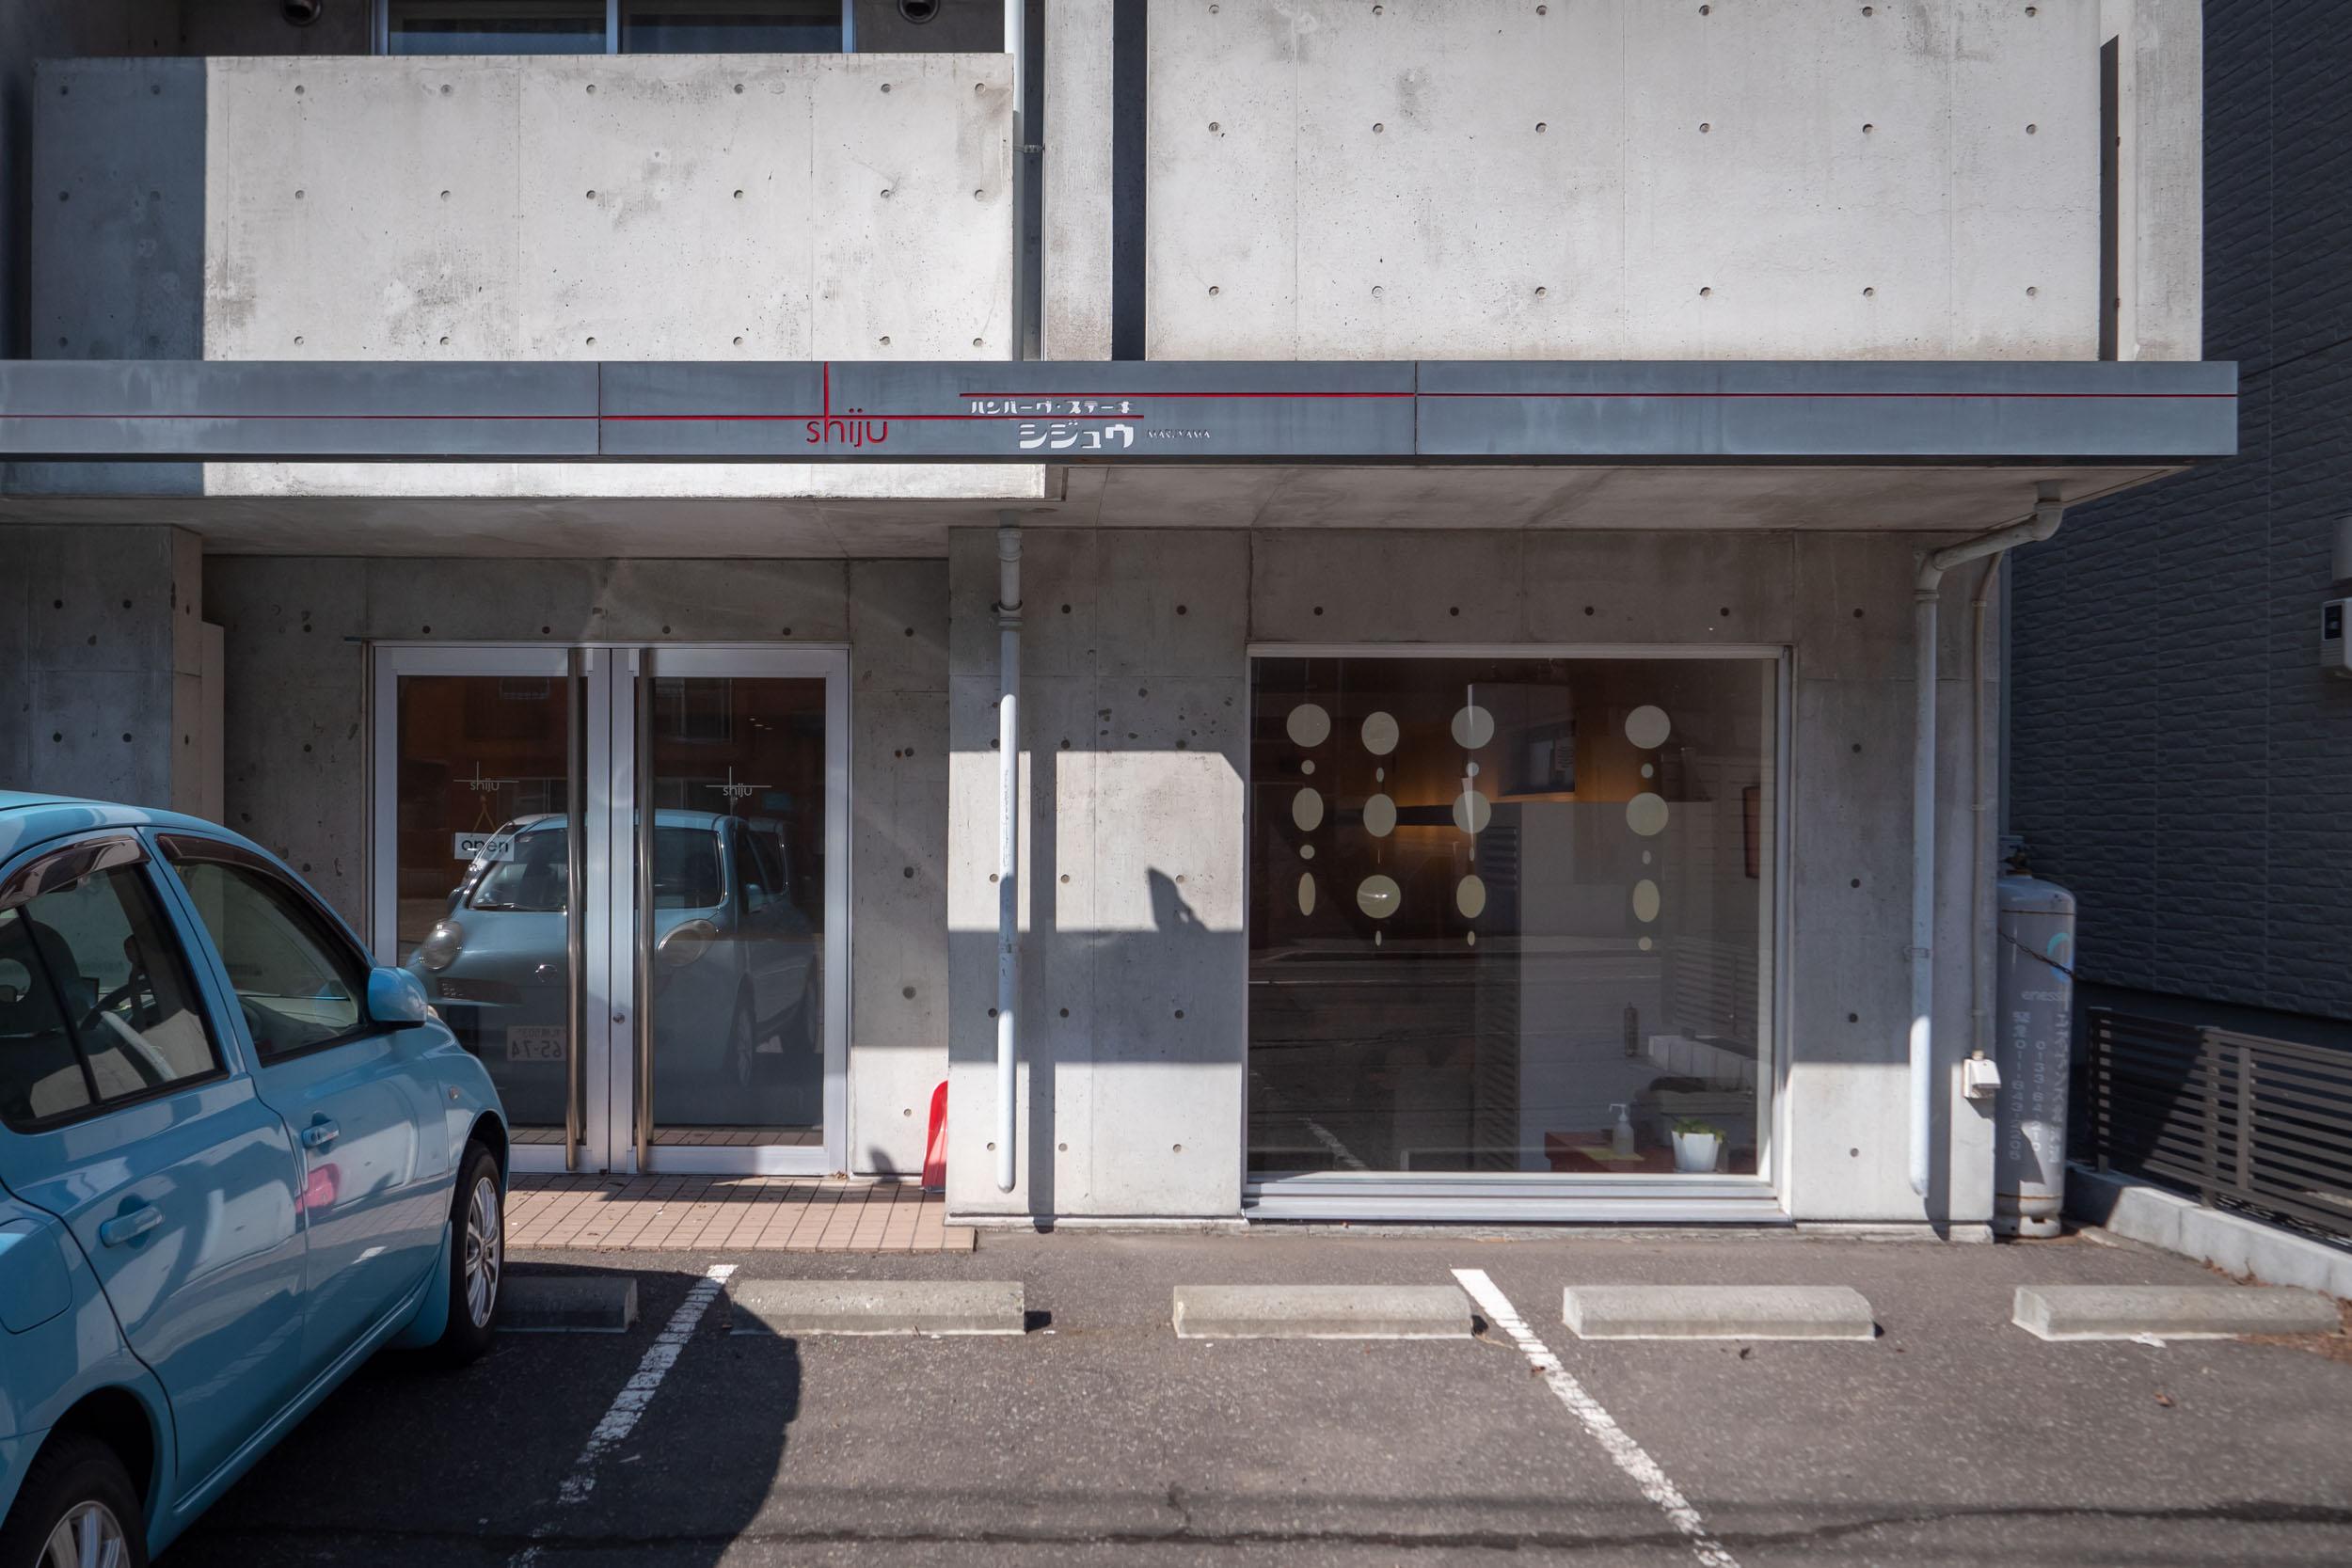 札幌市中央区南6条西24丁目1-18 洋食レストラン「シジュウ」の外観 DMC-GX8 + LEICA DG 12-60mm